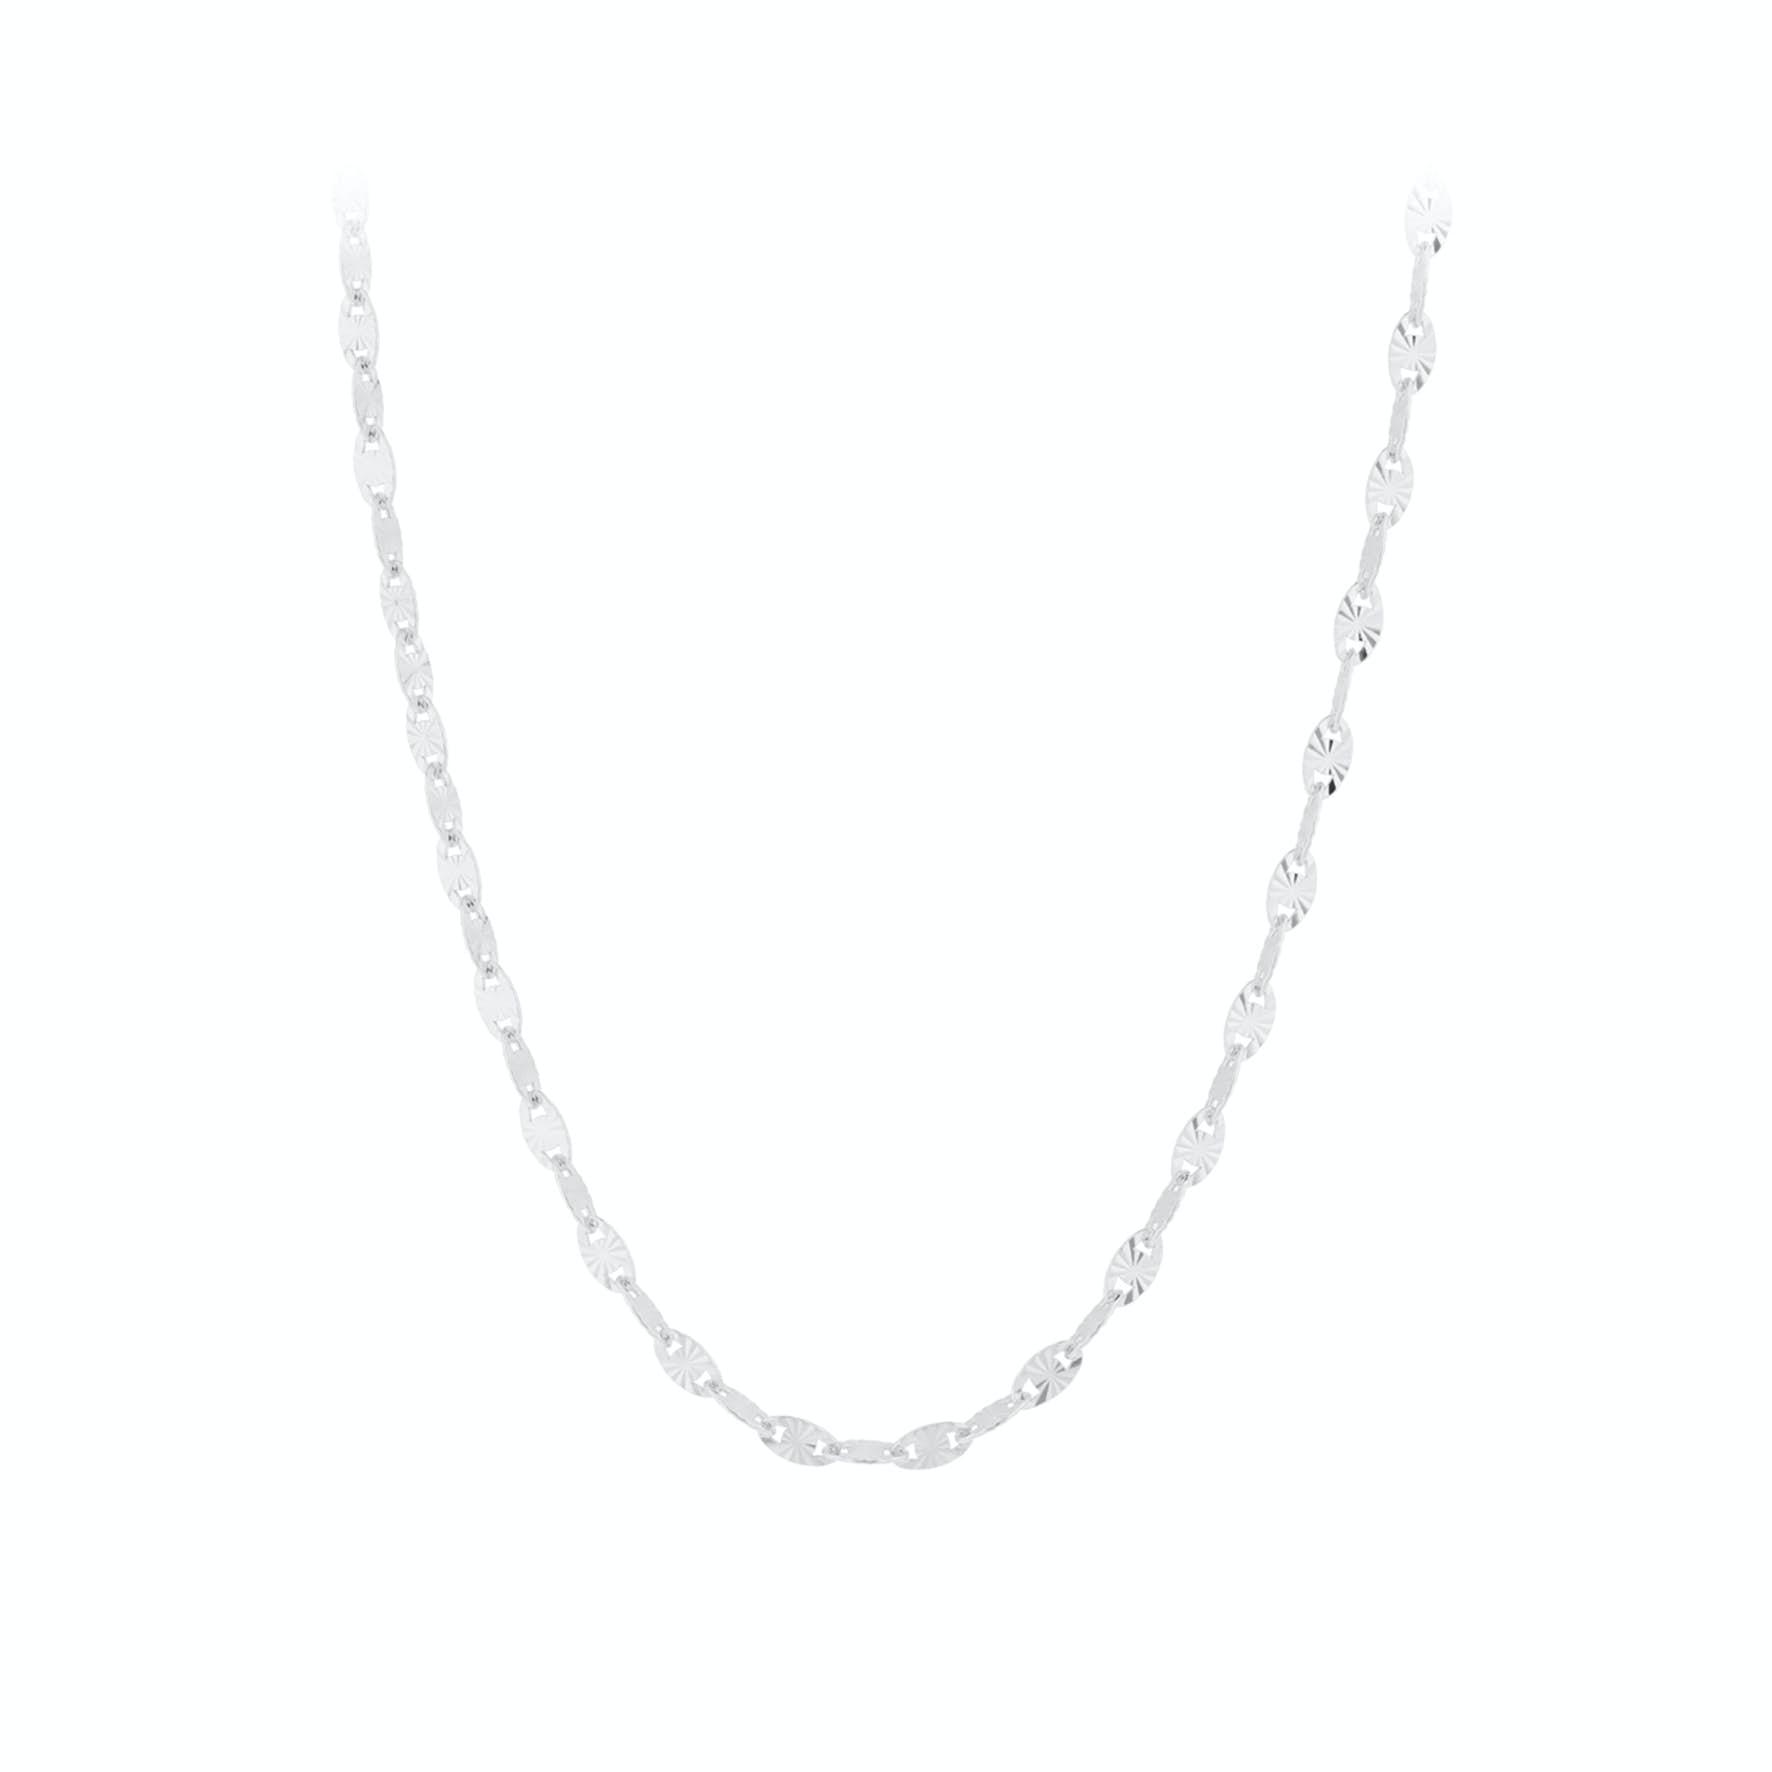 Ocean Stars Necklace fra Pernille Corydon i Sølv Sterling 925